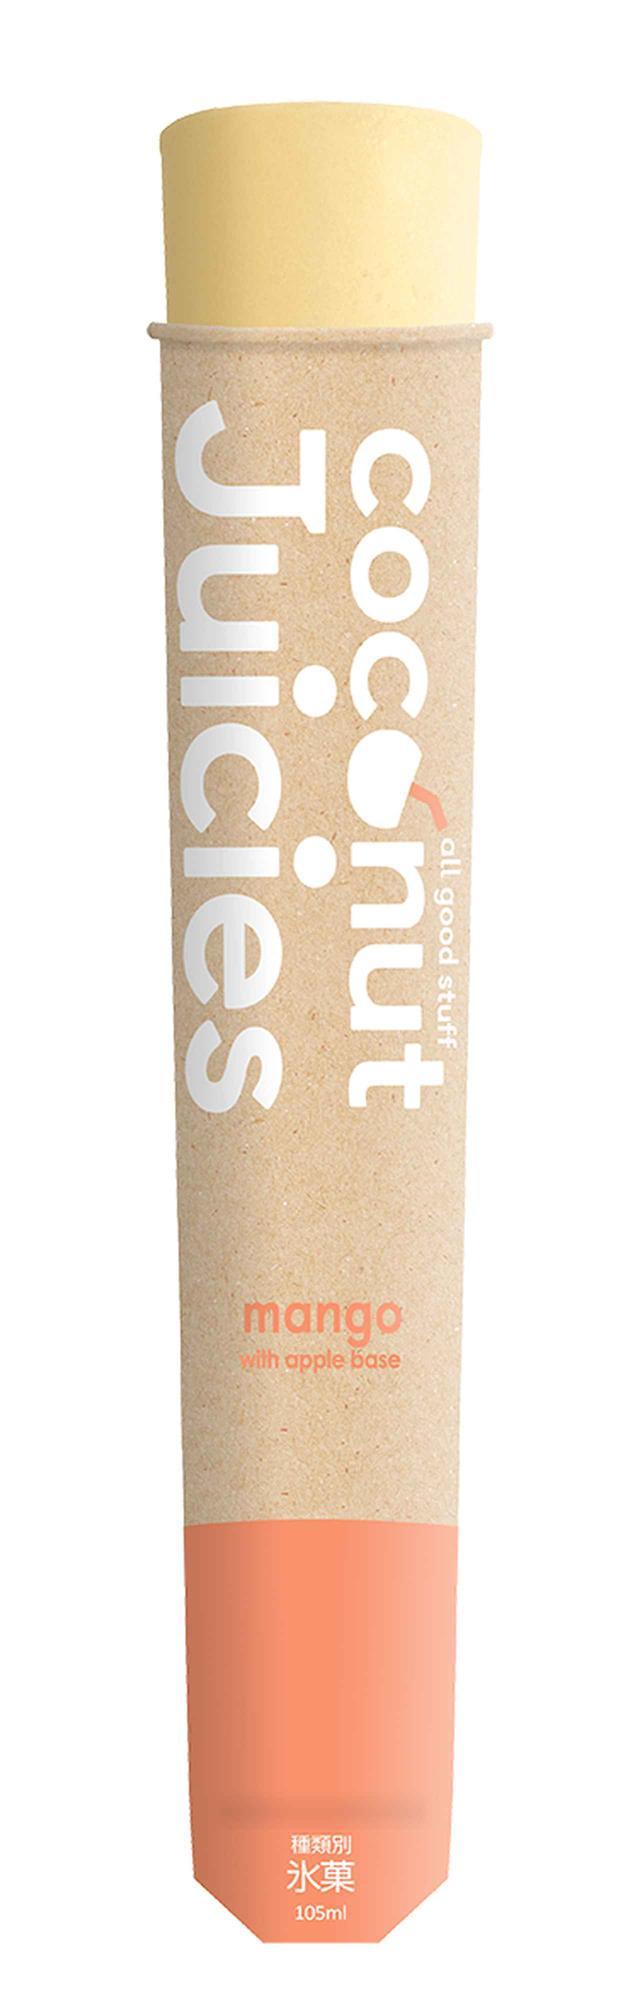 画像2: ニュージーランド発の砂糖・甘味料・着色料不使用アイス『ジューシーズ』よりココナッツシリーズ